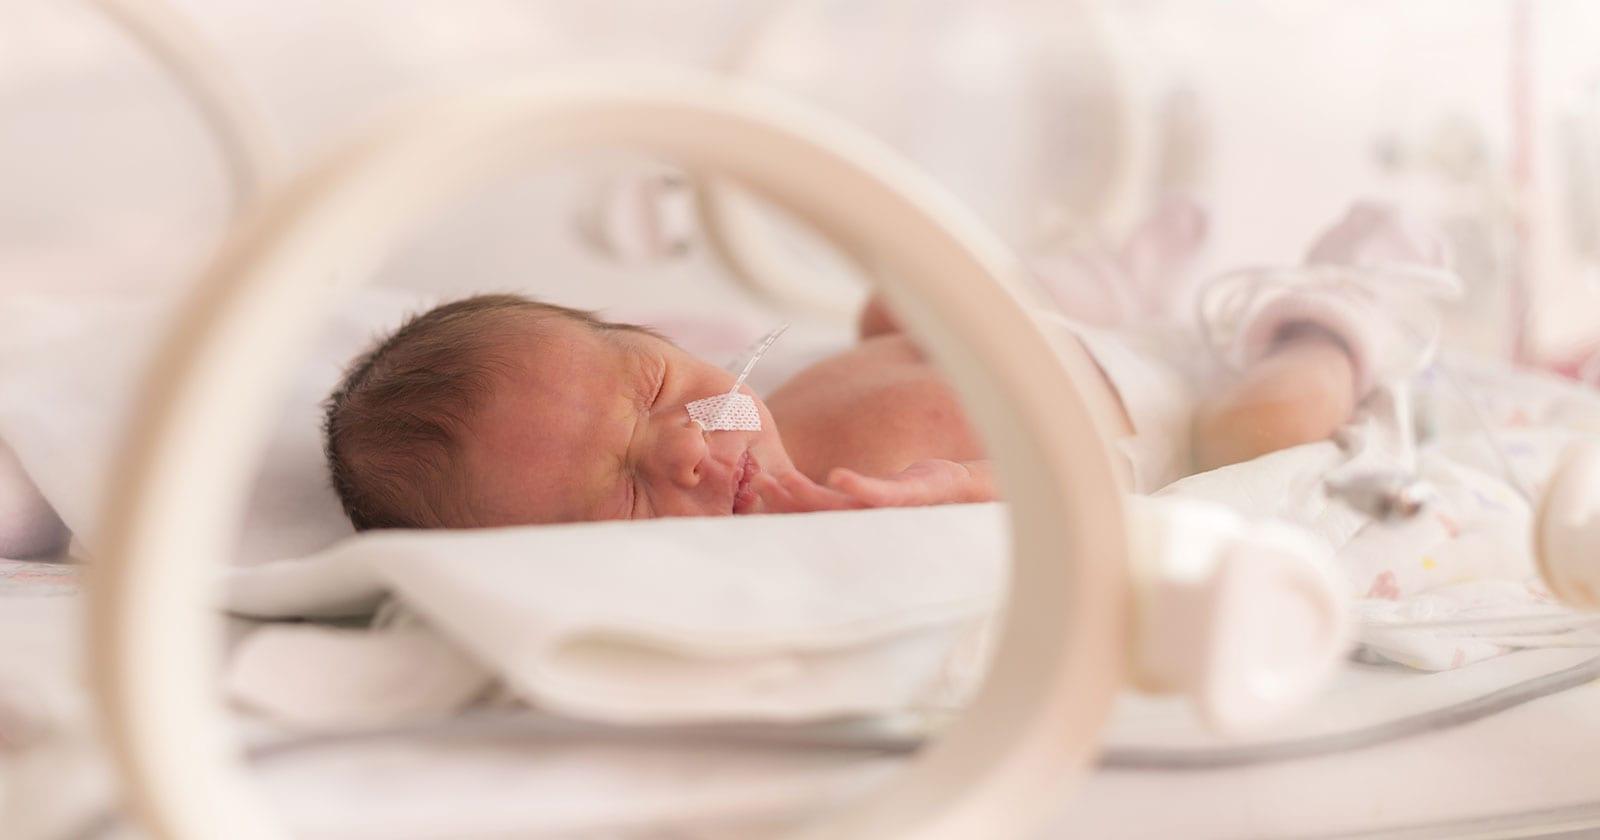 Especialidad en neonatologi a